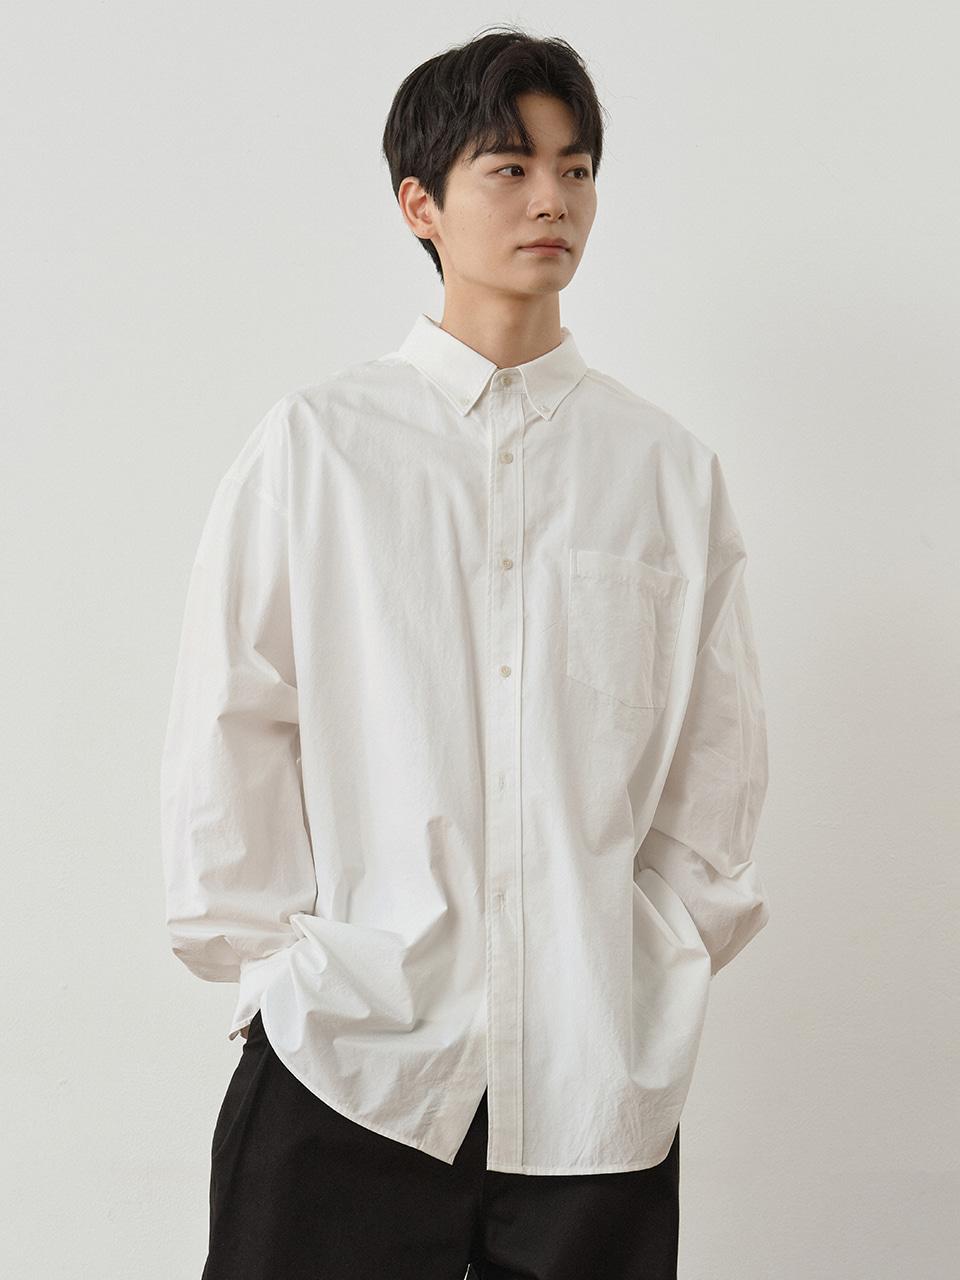 사운즈라이프(SOUNDSLIFE) [SS21] Button-down Shirt Big Boy Fit White